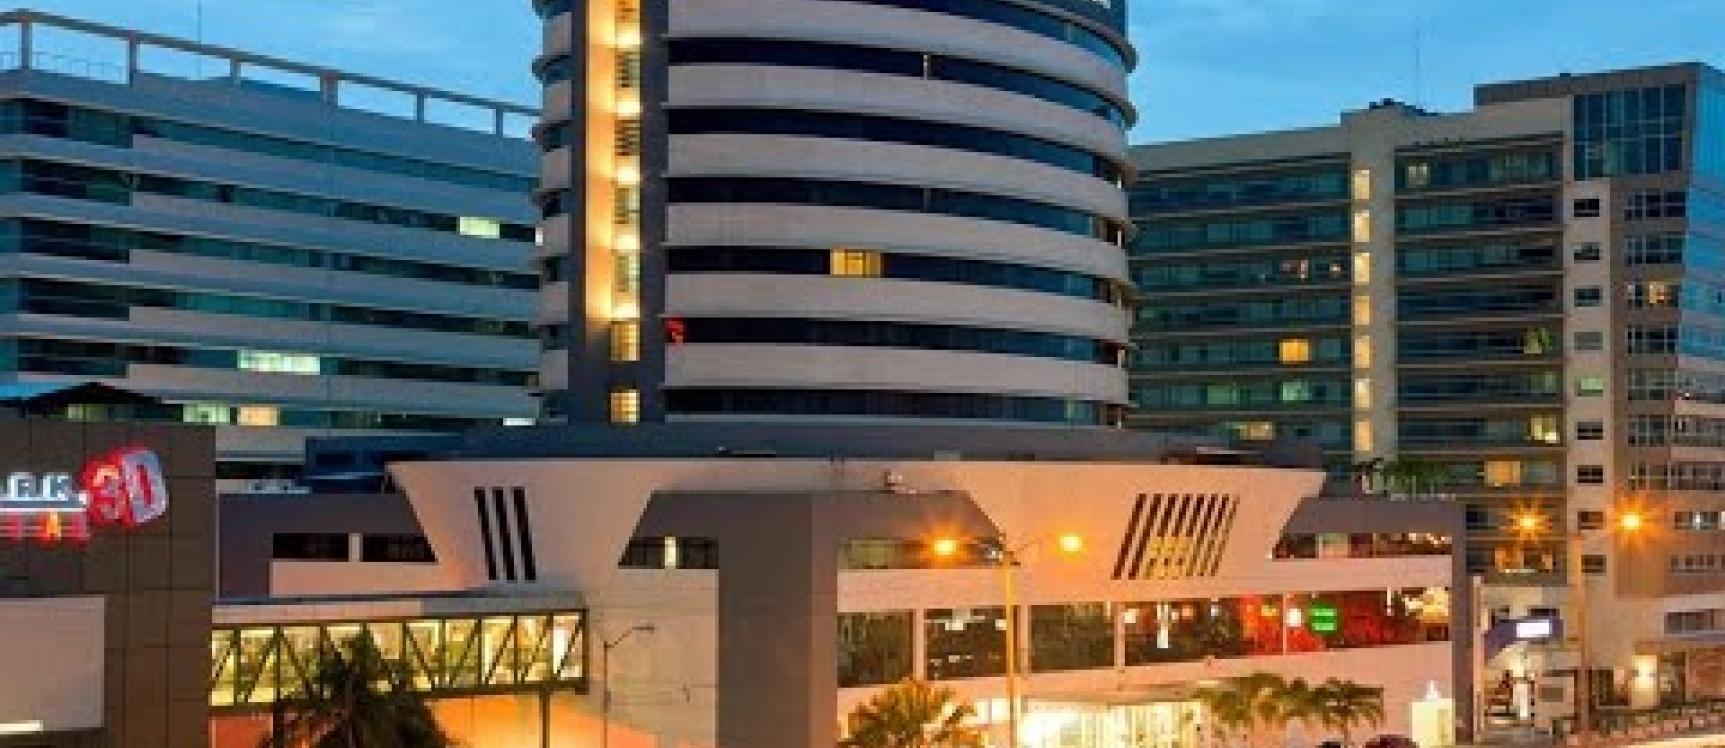 GeoBienes - Local para Restaurant en Alquiler en Galería Sonesta, zona Mall del Sol - Plusvalia Guayaquil Casas de venta y alquiler Inmobiliaria Ecuador